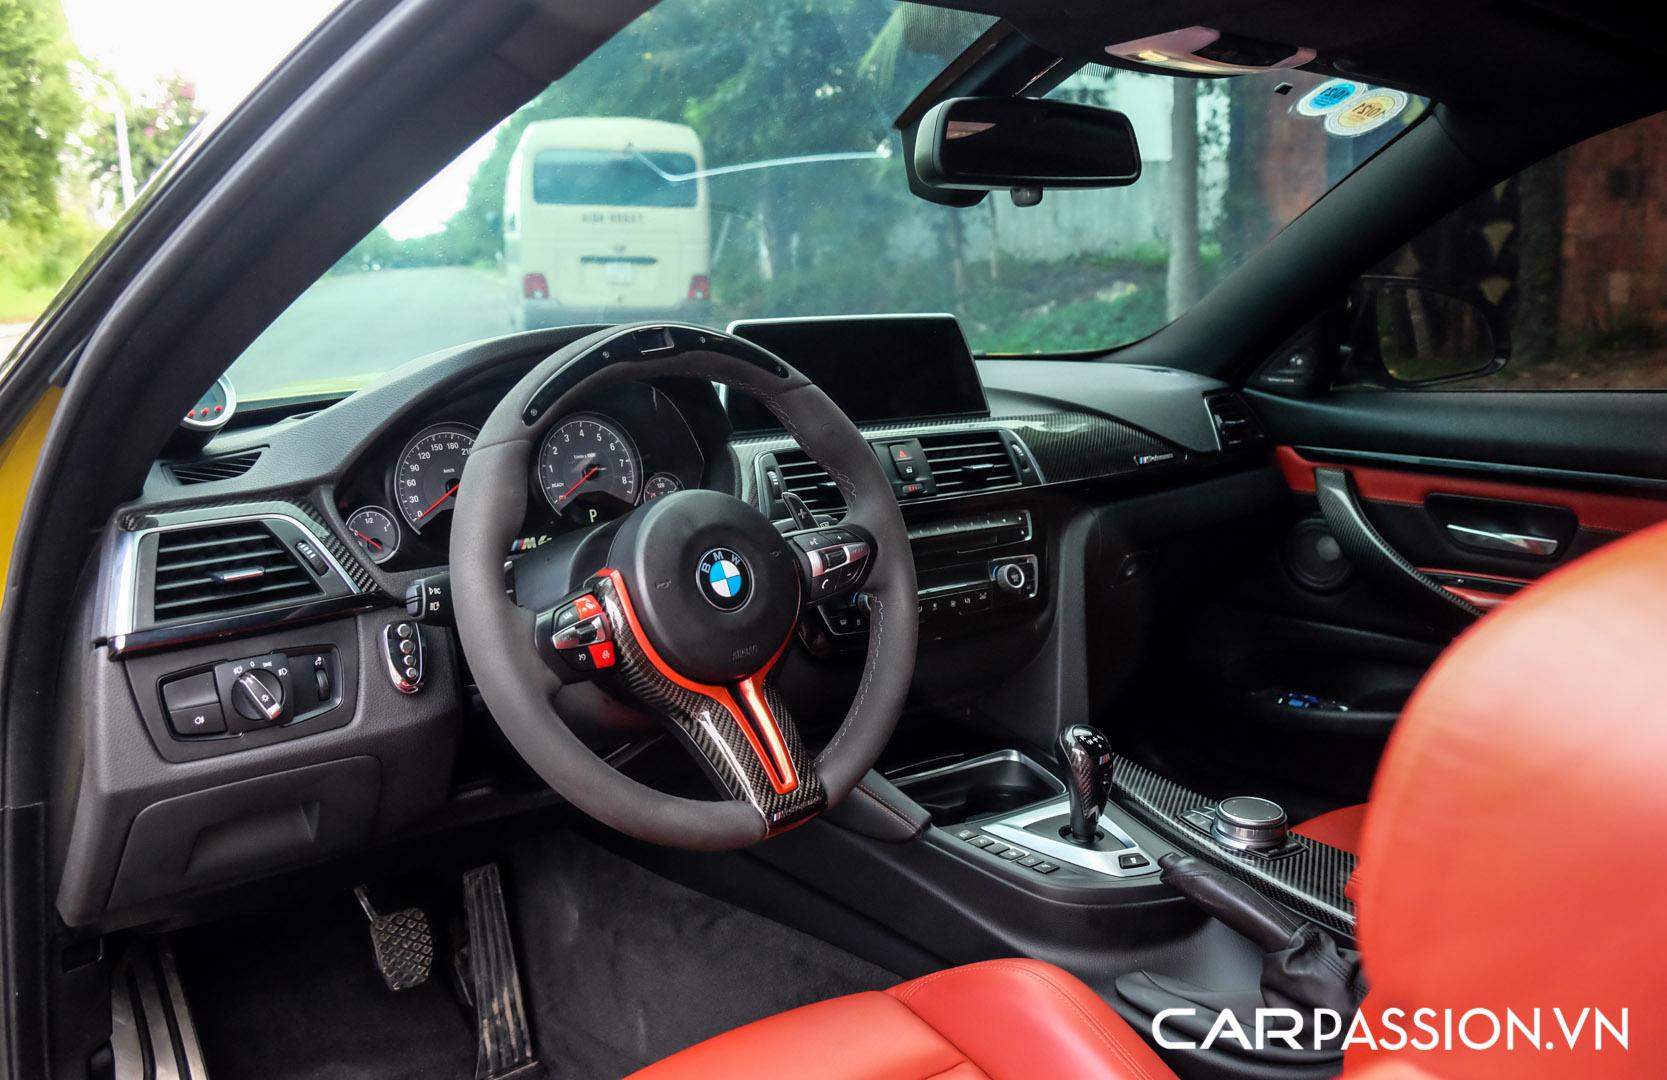 CP-BMW M4 F8 được rao bán (46).jpg